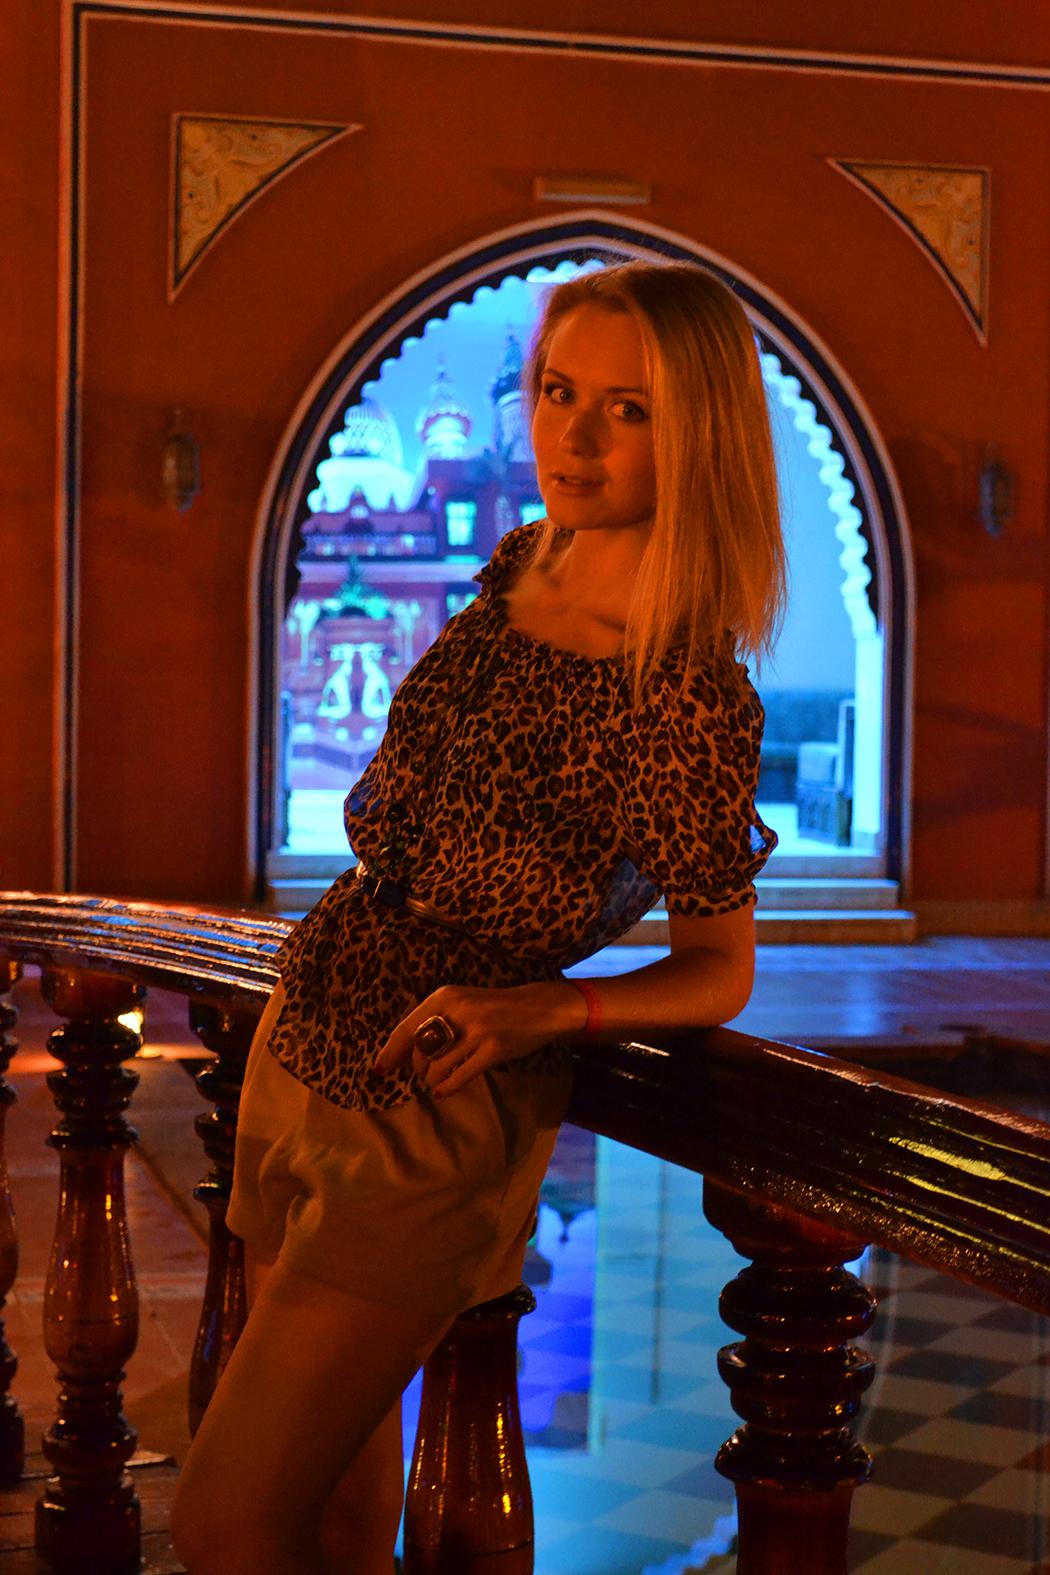 annamidday, travel blogger, русский блогер, известный блогер, топовый блогер, russian bloger, top russian blogger, russian travel blogger, российский блогер, ТОП блогер, популярный блогер, трэвэл блогер, путешественник, достопримечательности шарм эль шейха, шарм эль шейх, египет, что посмотреть в египте, куда поехать в отпуск, отпуск 2015, красивые фото, майские праздники 2015, куда поехать на майские праздники 2015, встретить майские праздники, куда поехать отдыхать большой компанией, куда поехать отдыхать с детьми, SPA в Египте, Hilton waterfalls, Sharm El sheikh, egypt